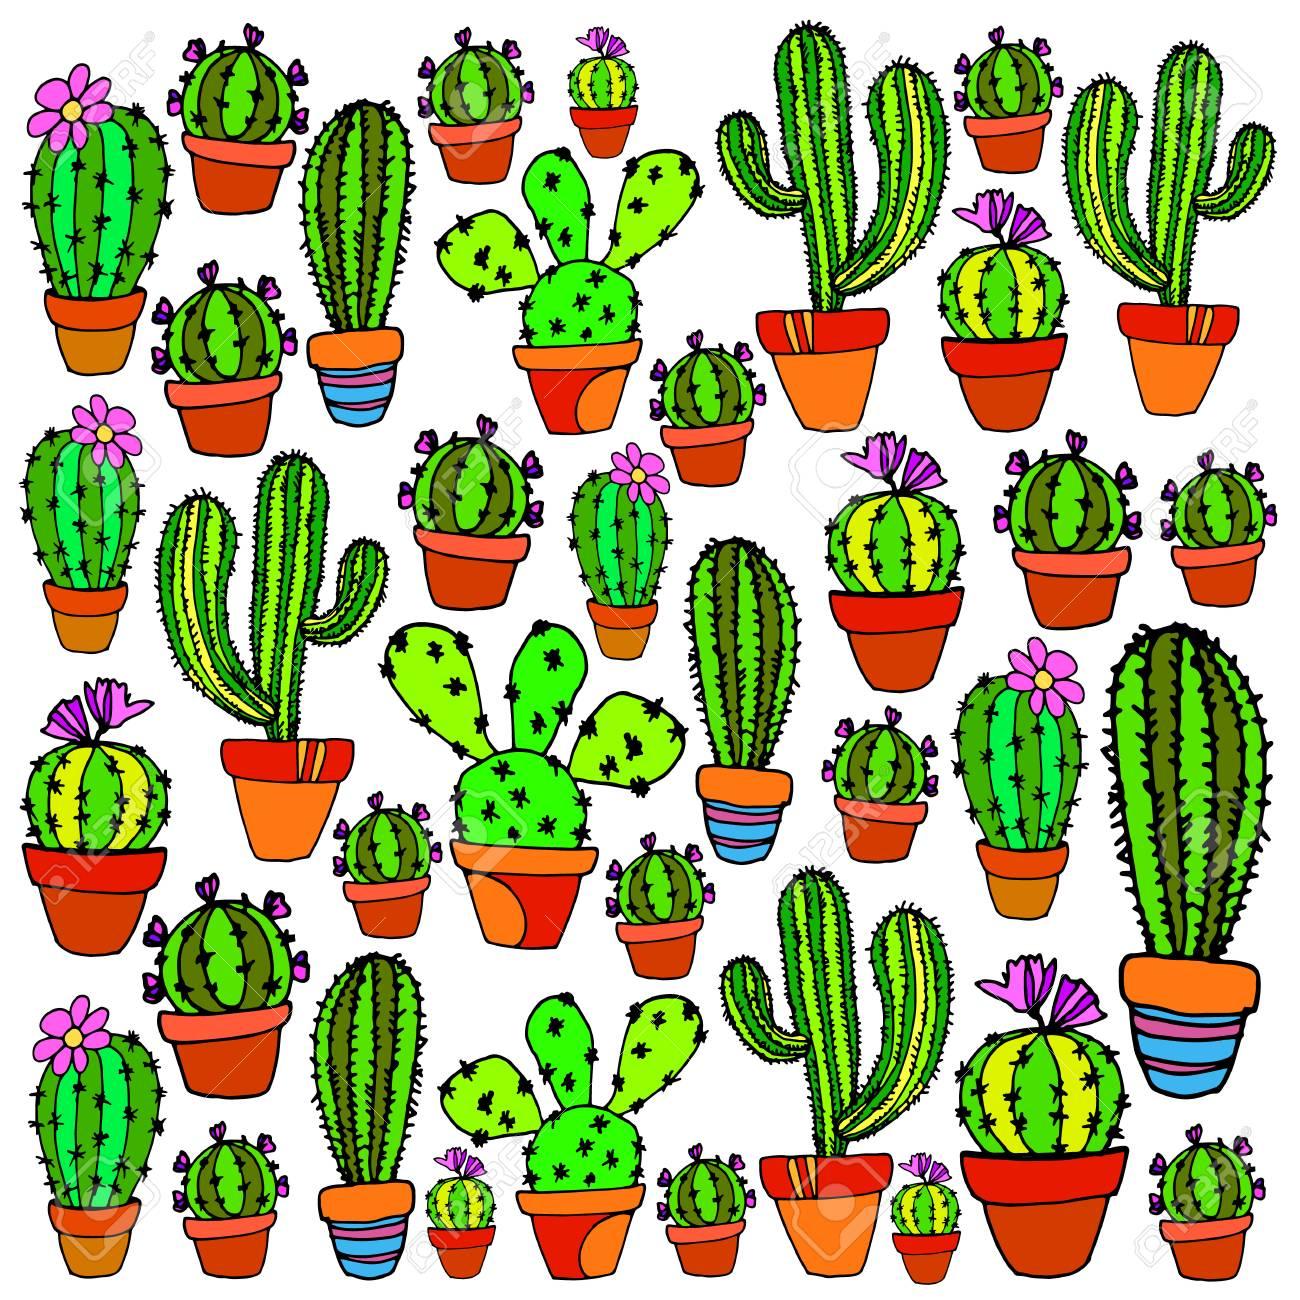 サボテン自然イラストベクトル植物グリーン花アートの